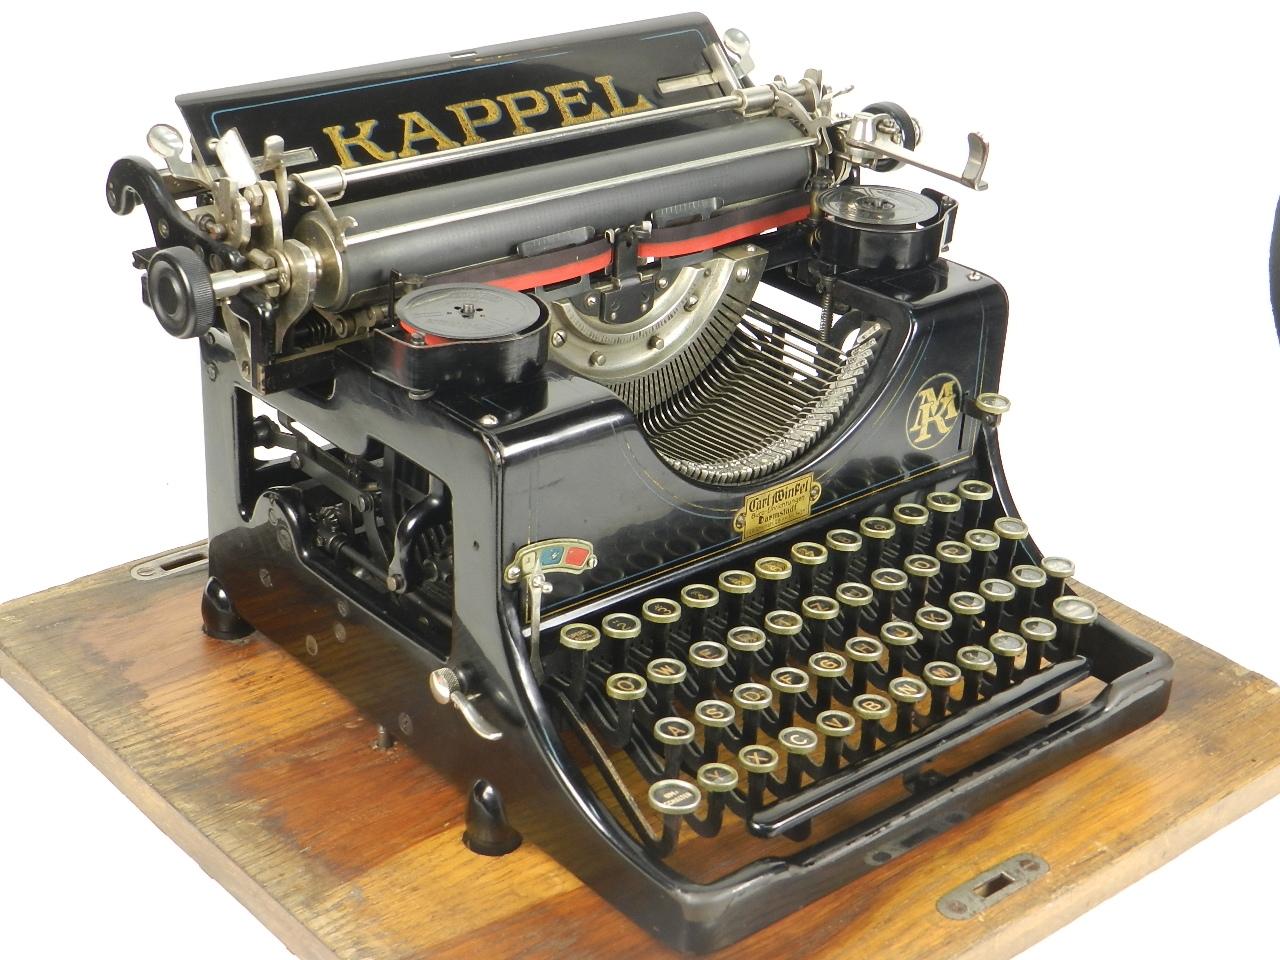 Imagen KAPPEL  Nº1  AÑO 1920 28802